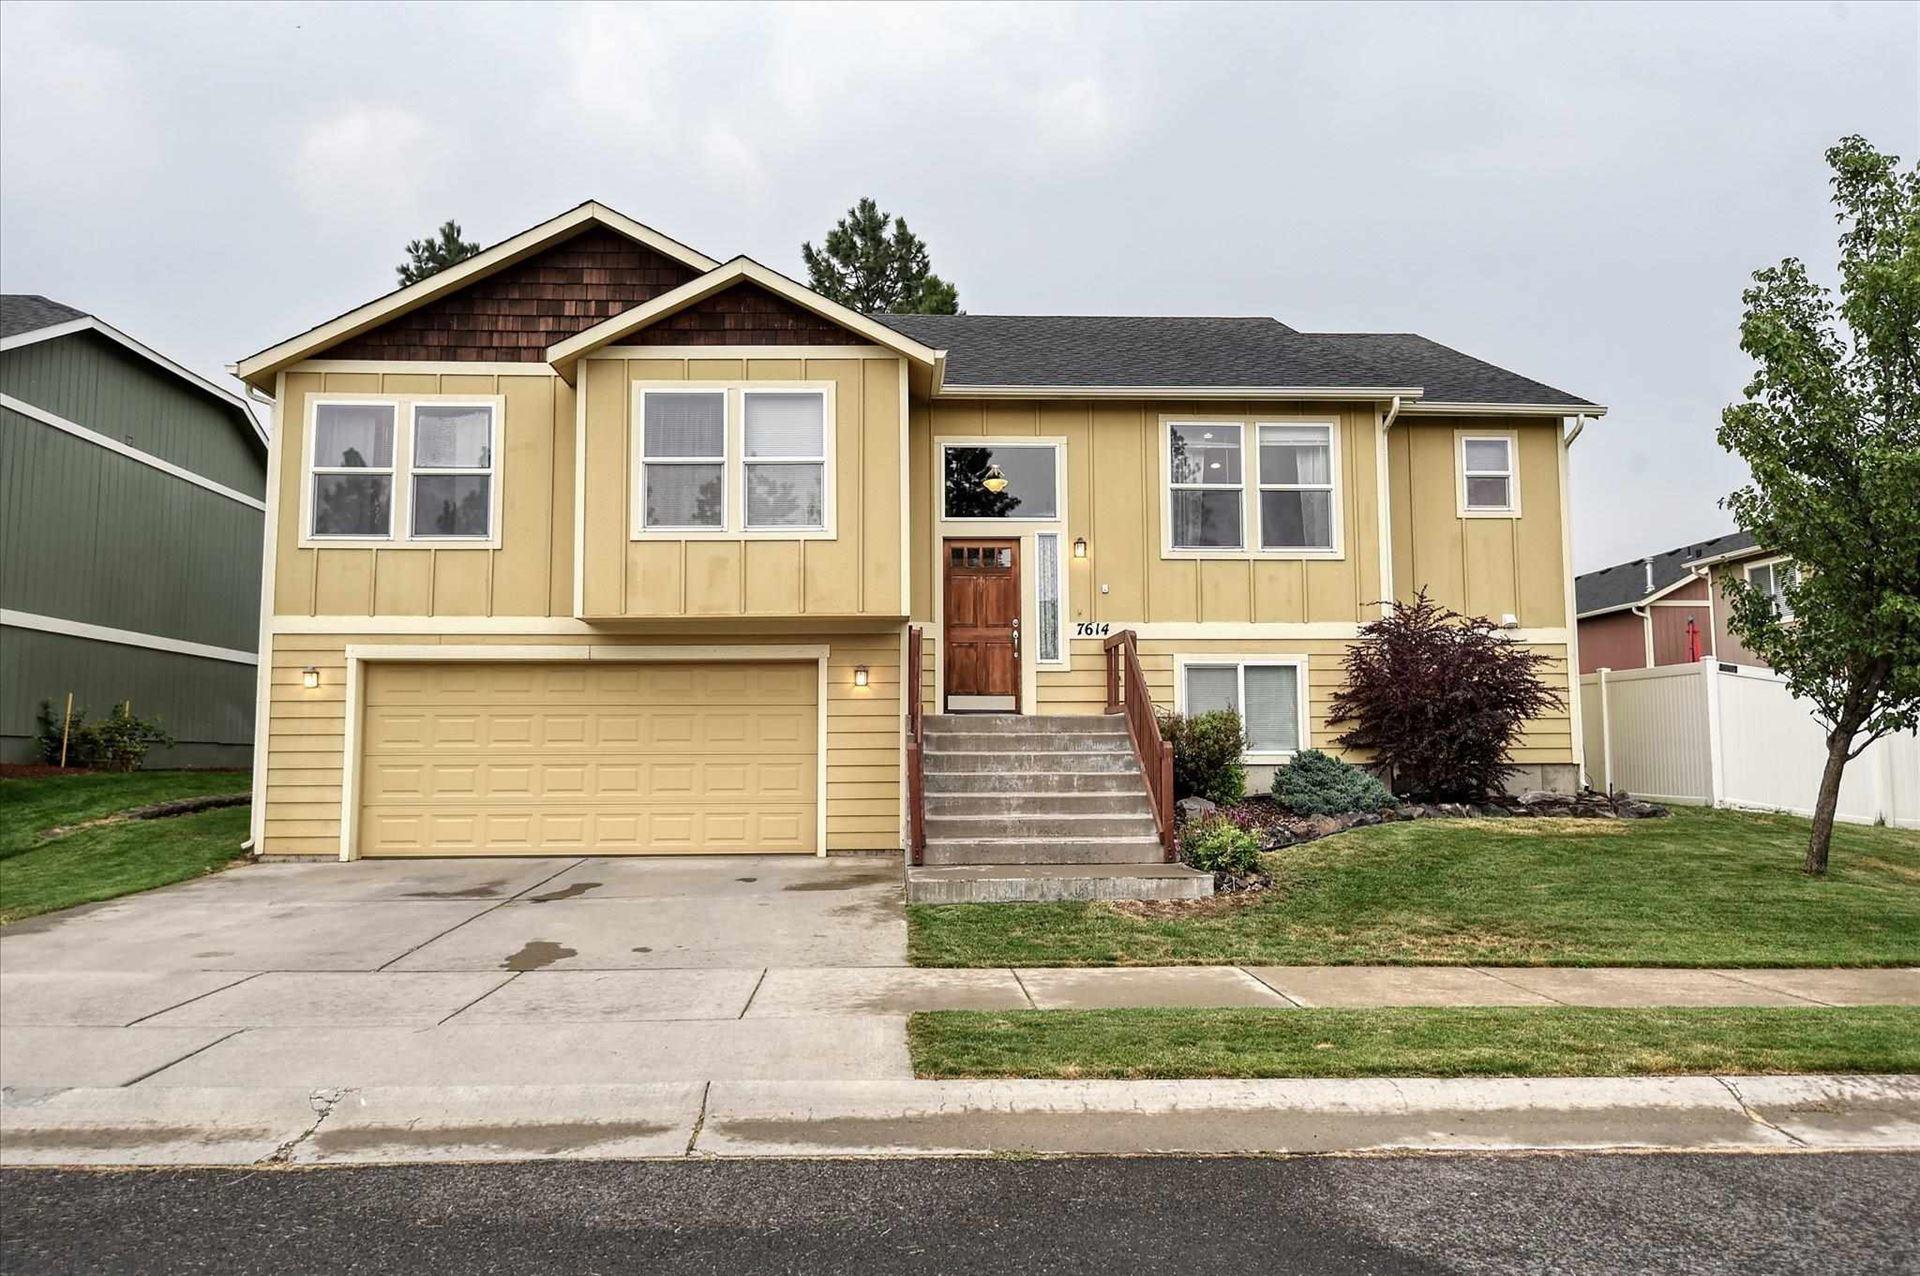 7614 N Ash St, Spokane, WA 99208-5079 - #: 202120181